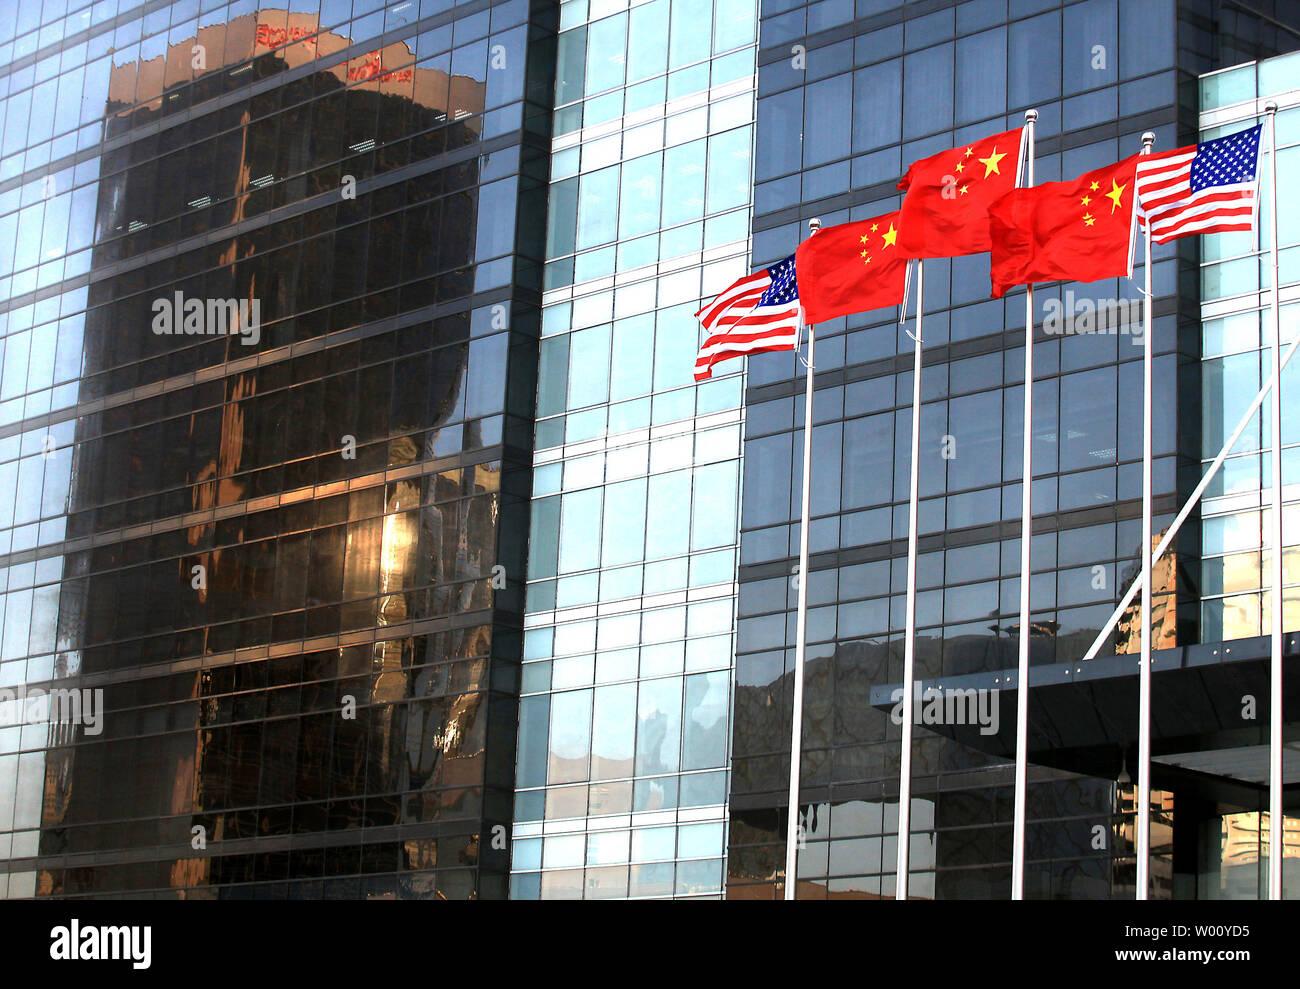 Die amerikanische und die Chinesische nationale Fahnen wehen vor einem neuen International Finance Center in der Innenstadt von Peking November 23, 2011. Die Vereinigten Staaten in dieser Woche begrüßte die Handelsgespräche mit China als Erfolg, dass sie gemacht hatte bin Ihrer, konkrete Fortschritte' auf Piraterie und Marktzugang, warnte aber mehr Arbeit getan werden musste. UPI/Stephen Rasierer Stockfoto